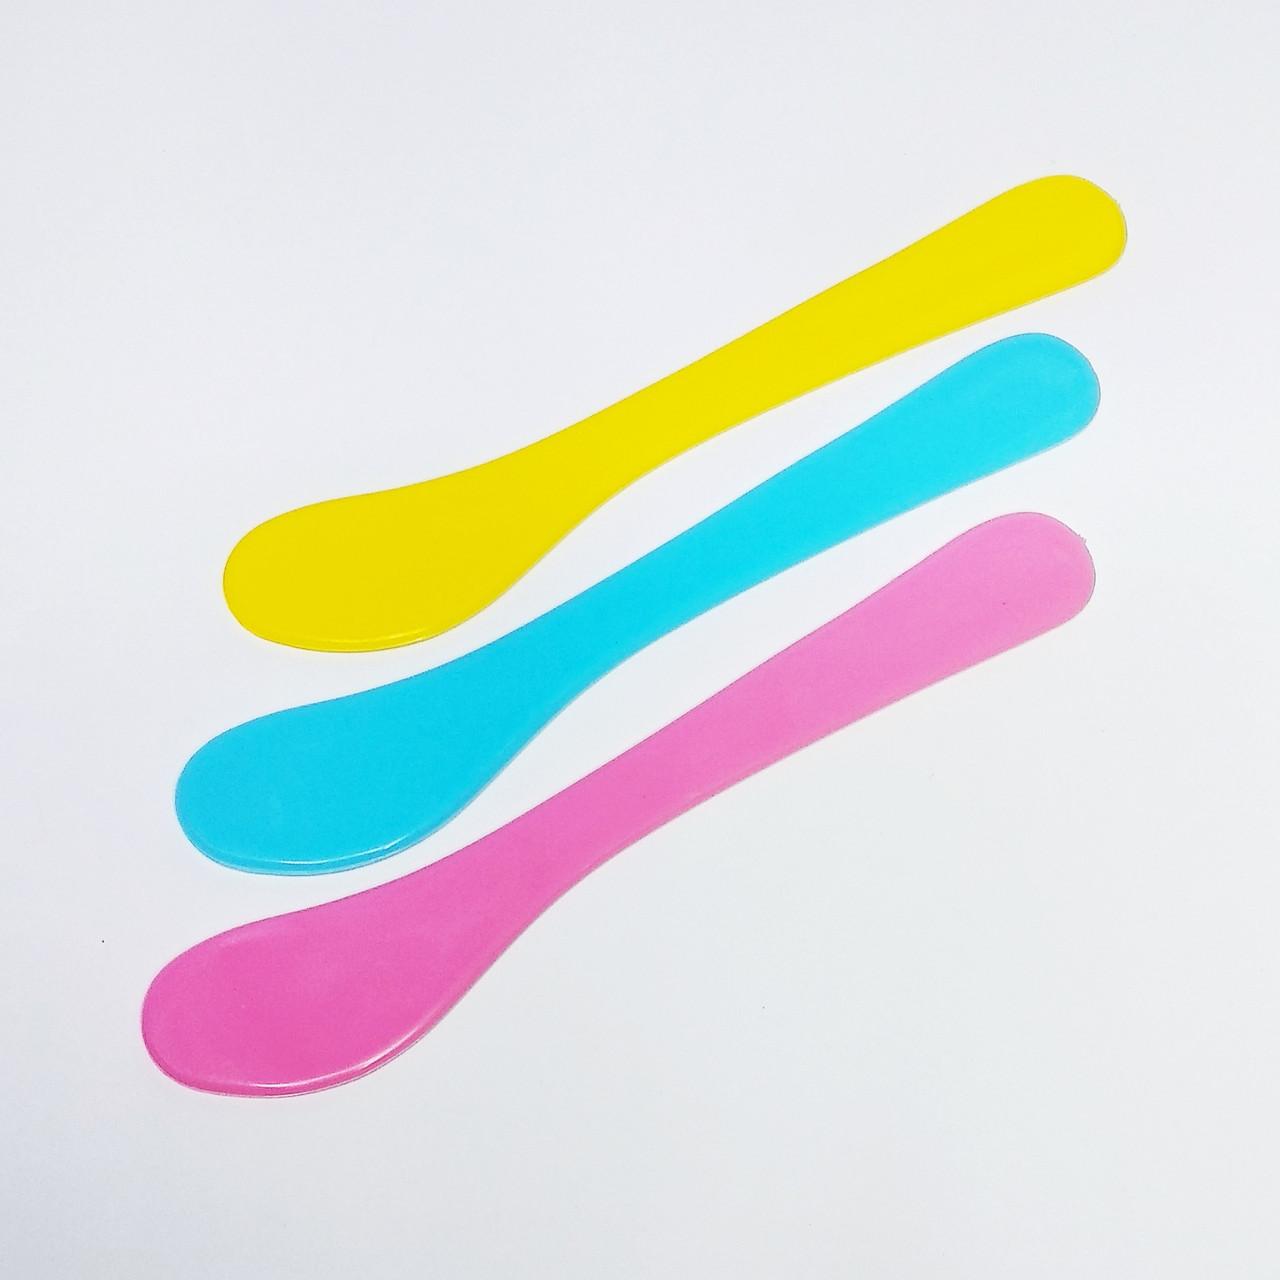 Шпатель пластиковий універсальний поштучно, кольори в асортименті